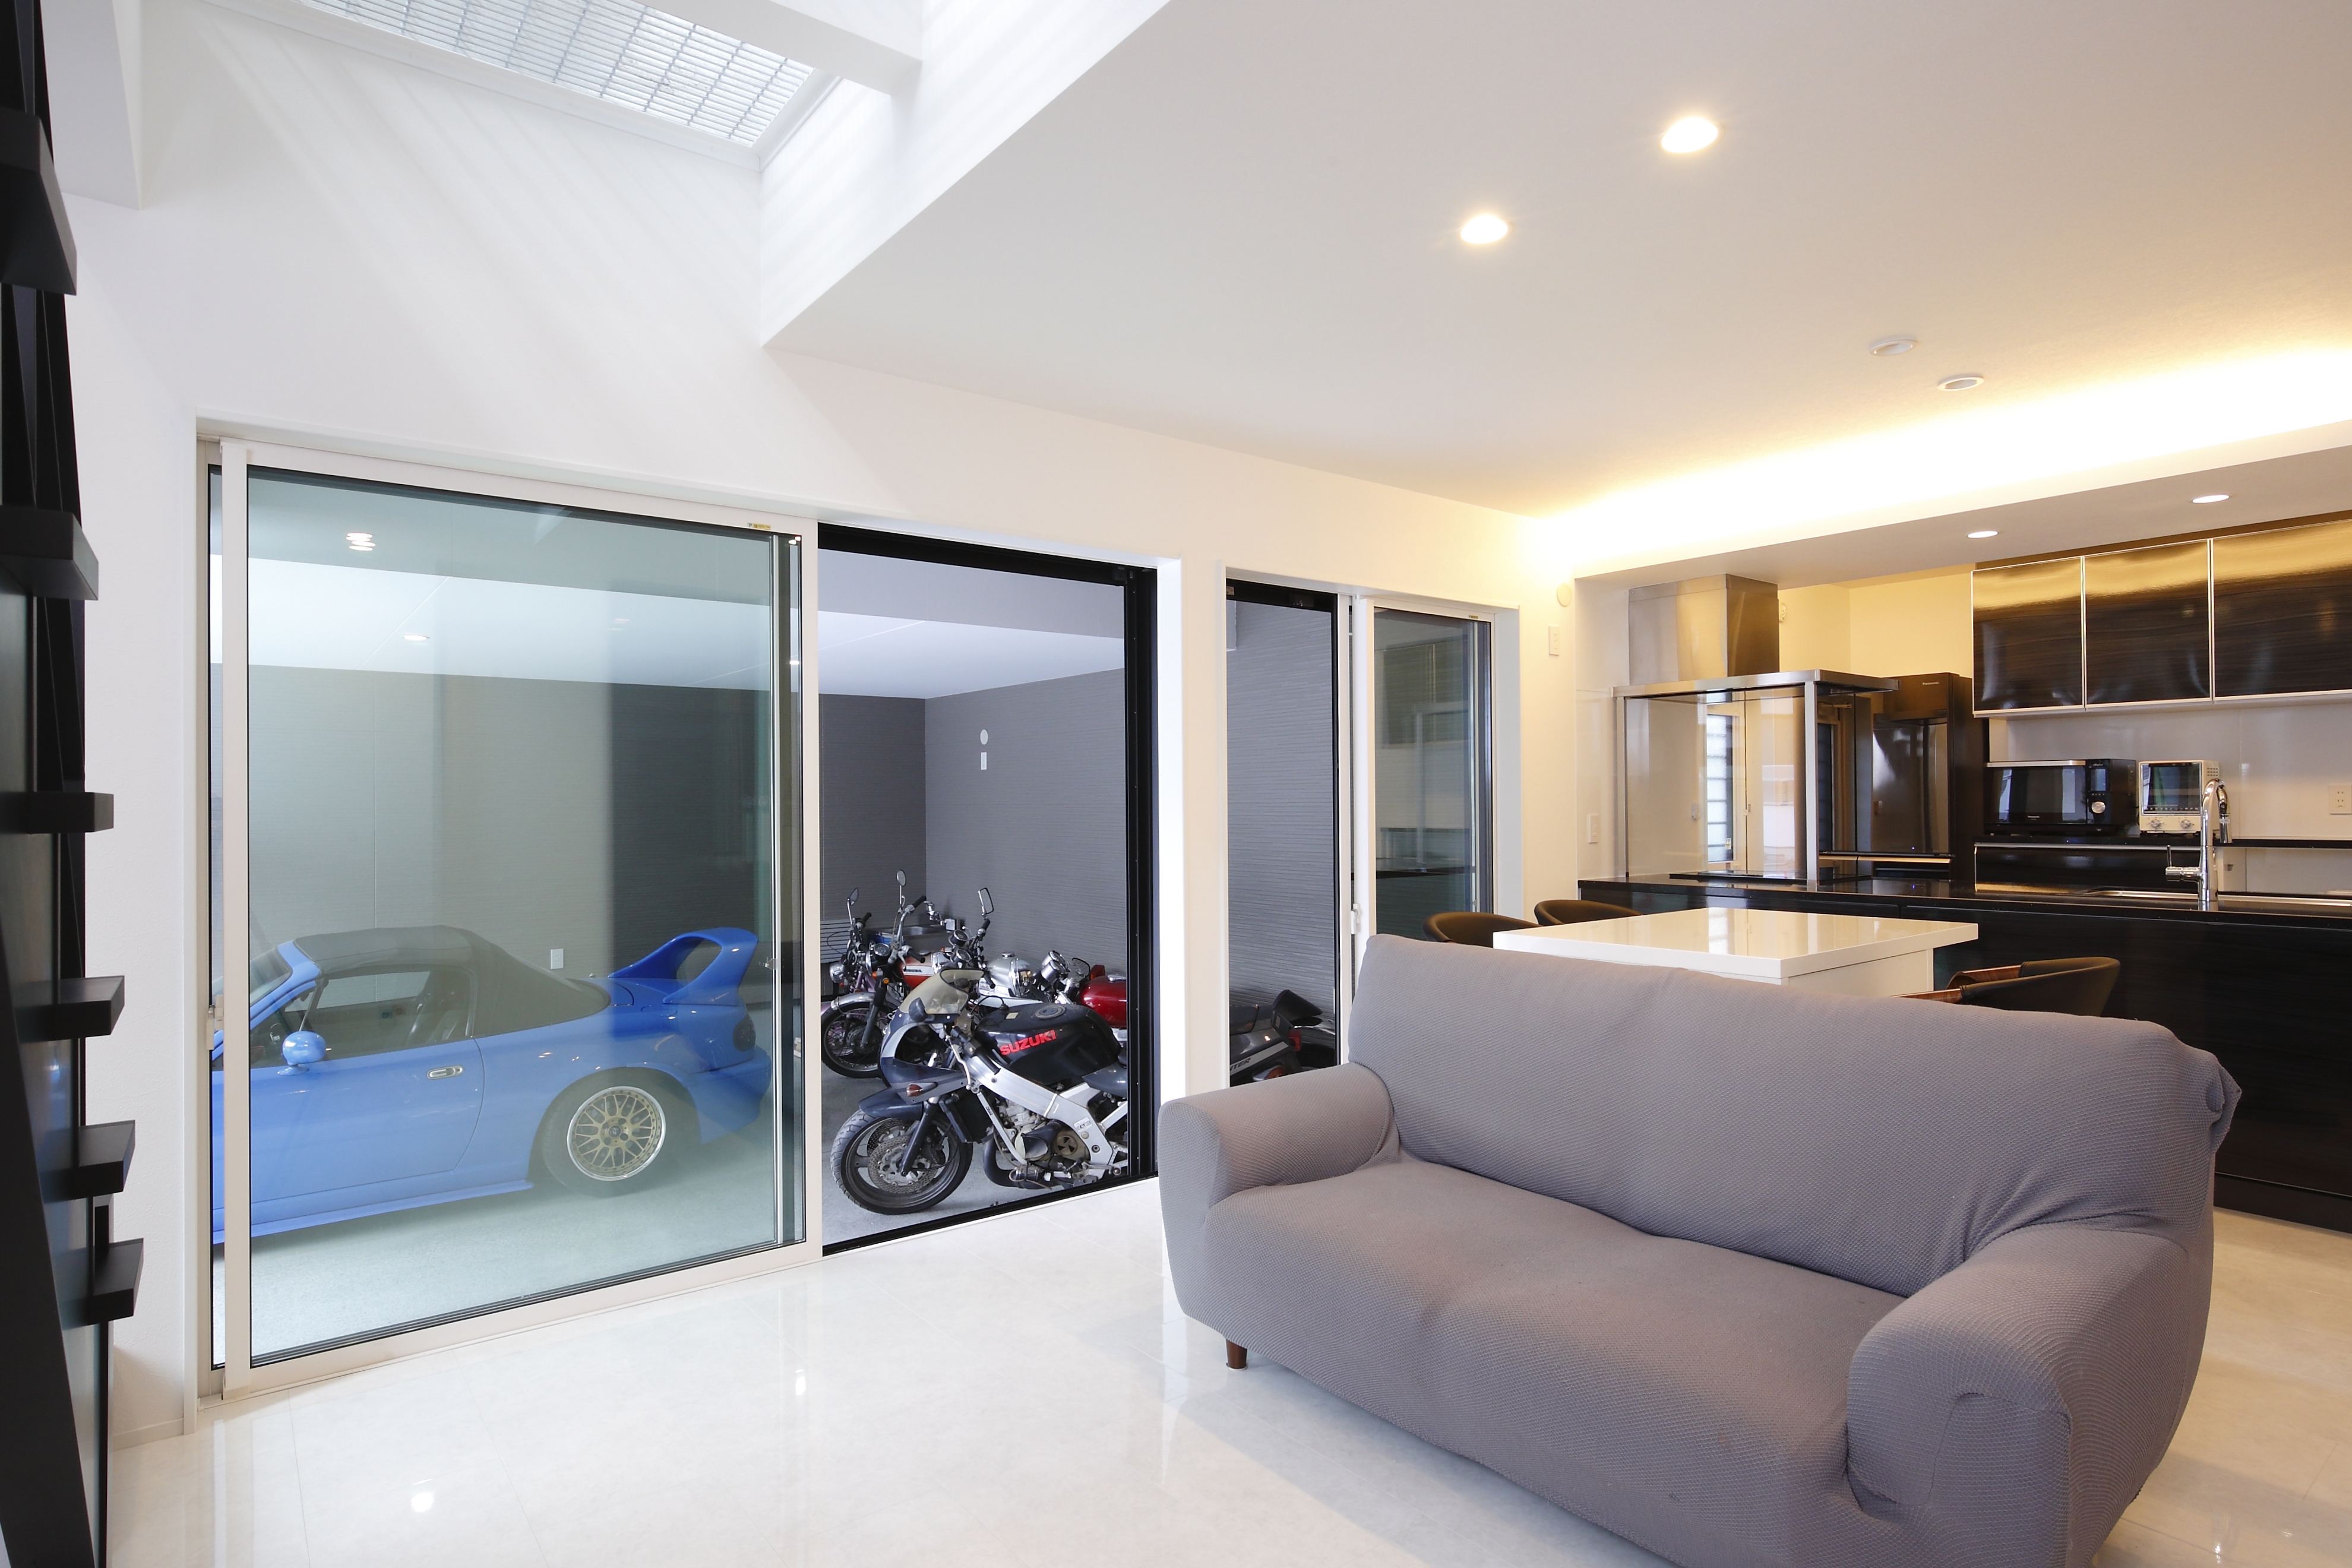 モデル事務所のようなガレージハウス画像03